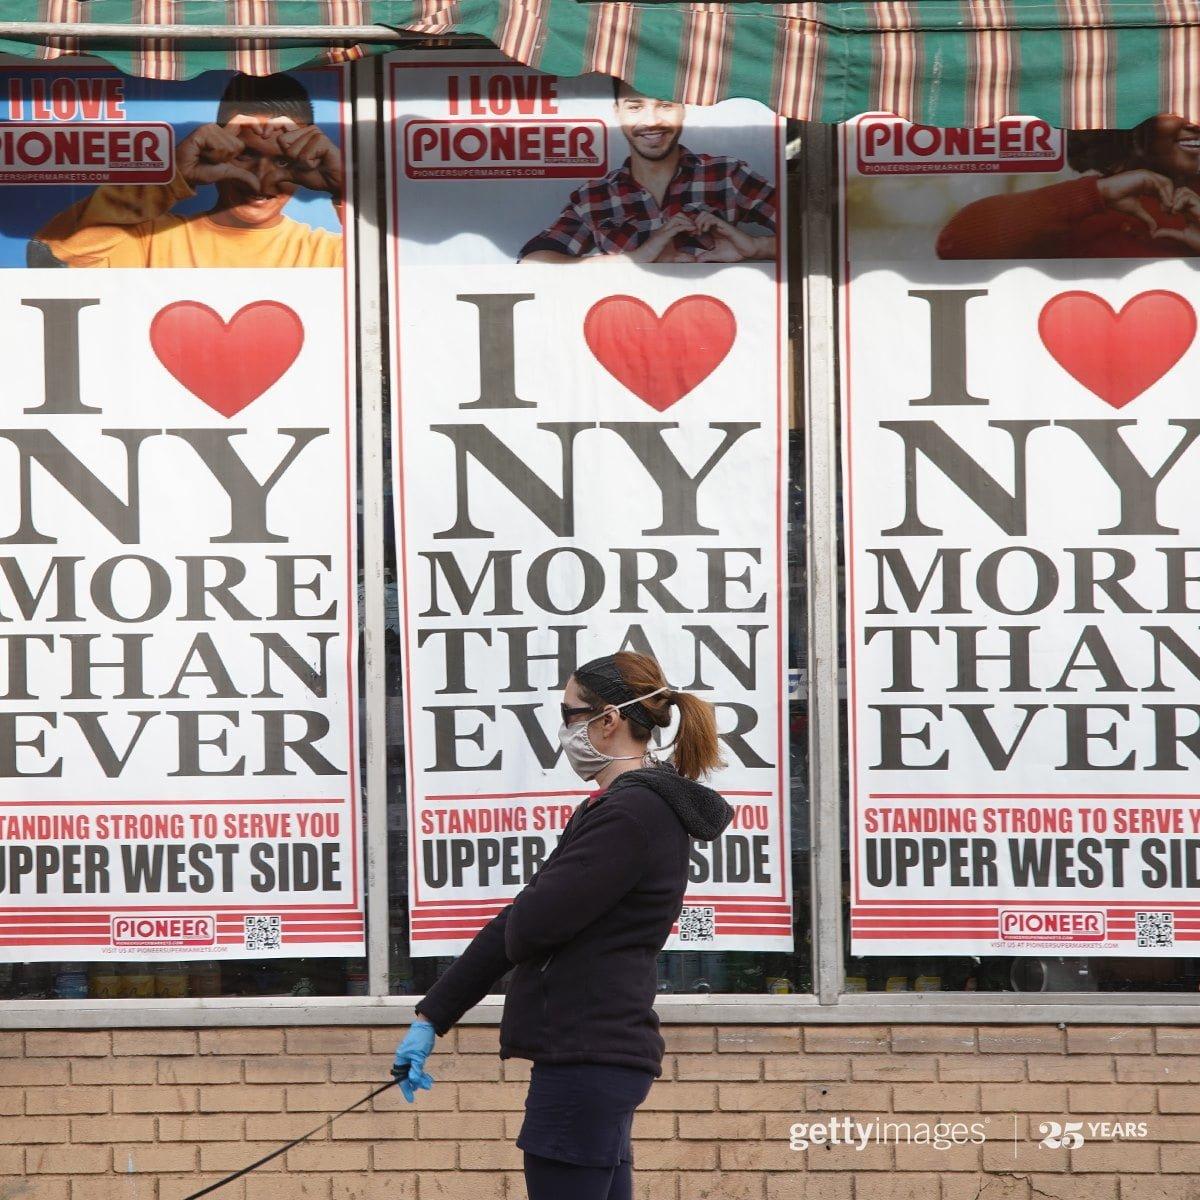 I love NY more than ever